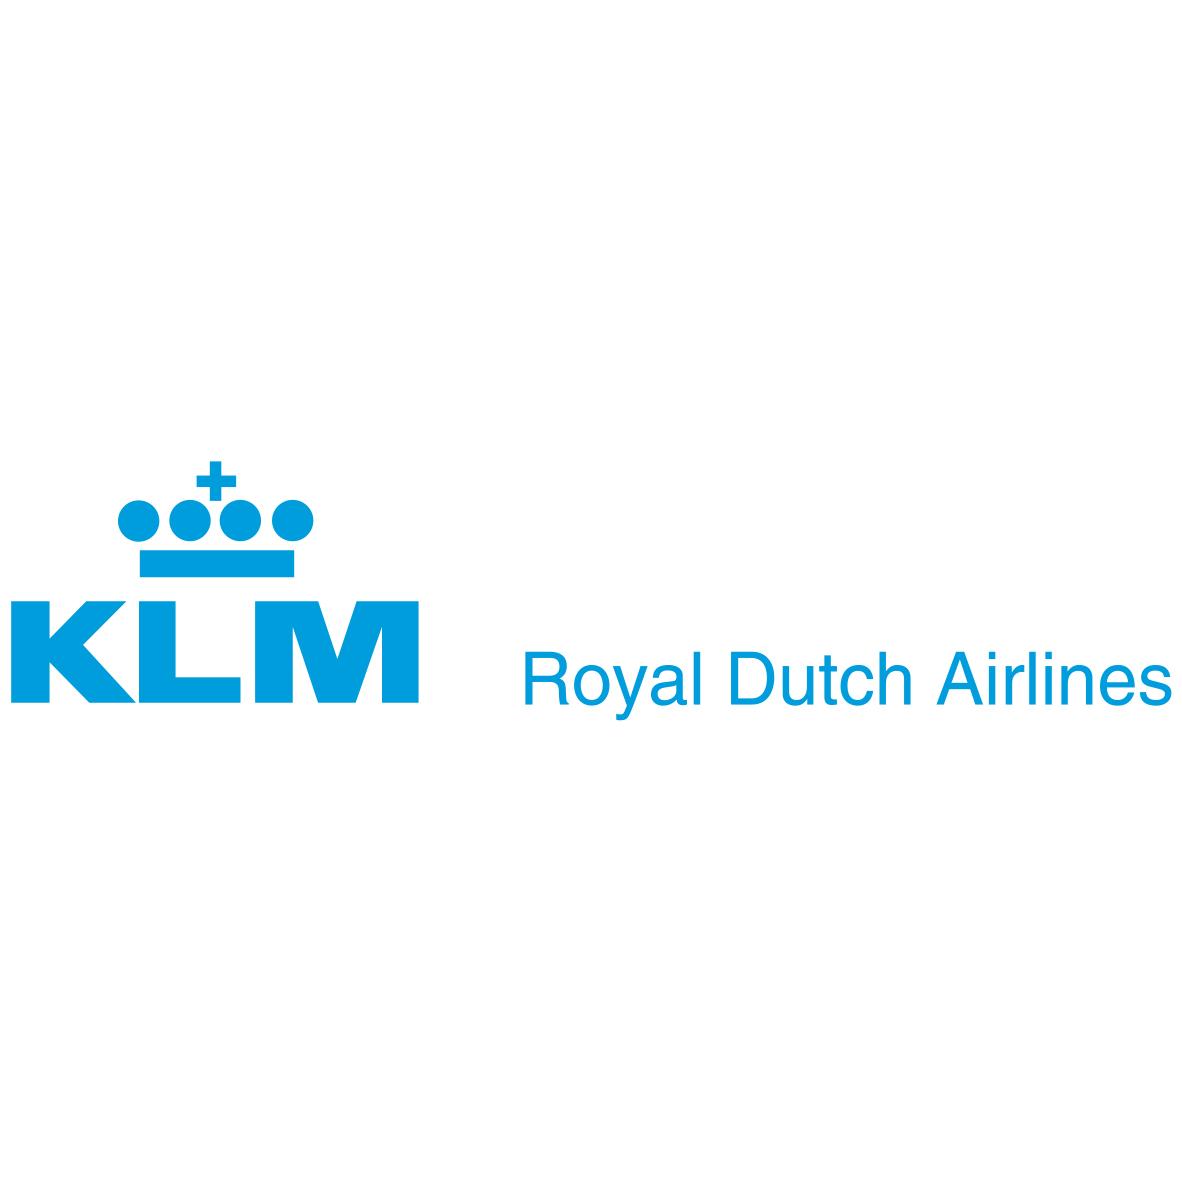 KLM_logo.jpg